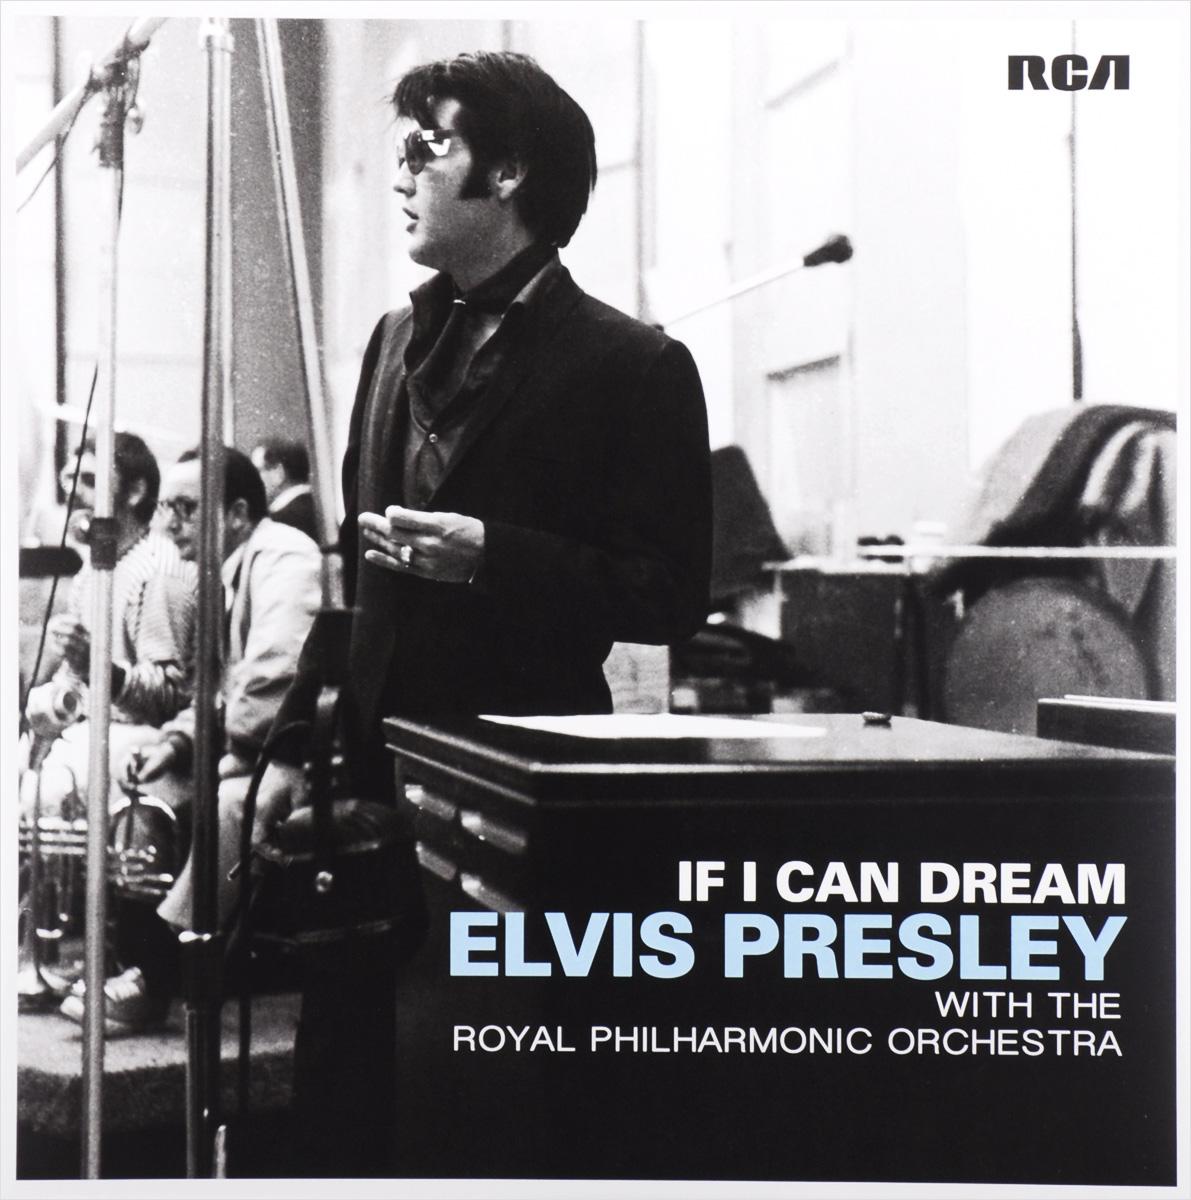 лучшая цена Элвис Пресли,The Royal Philharmonic Orchestra Elvis Presley With The Royal Philharmonic Orchestra. If I Can Dream (2 LP)